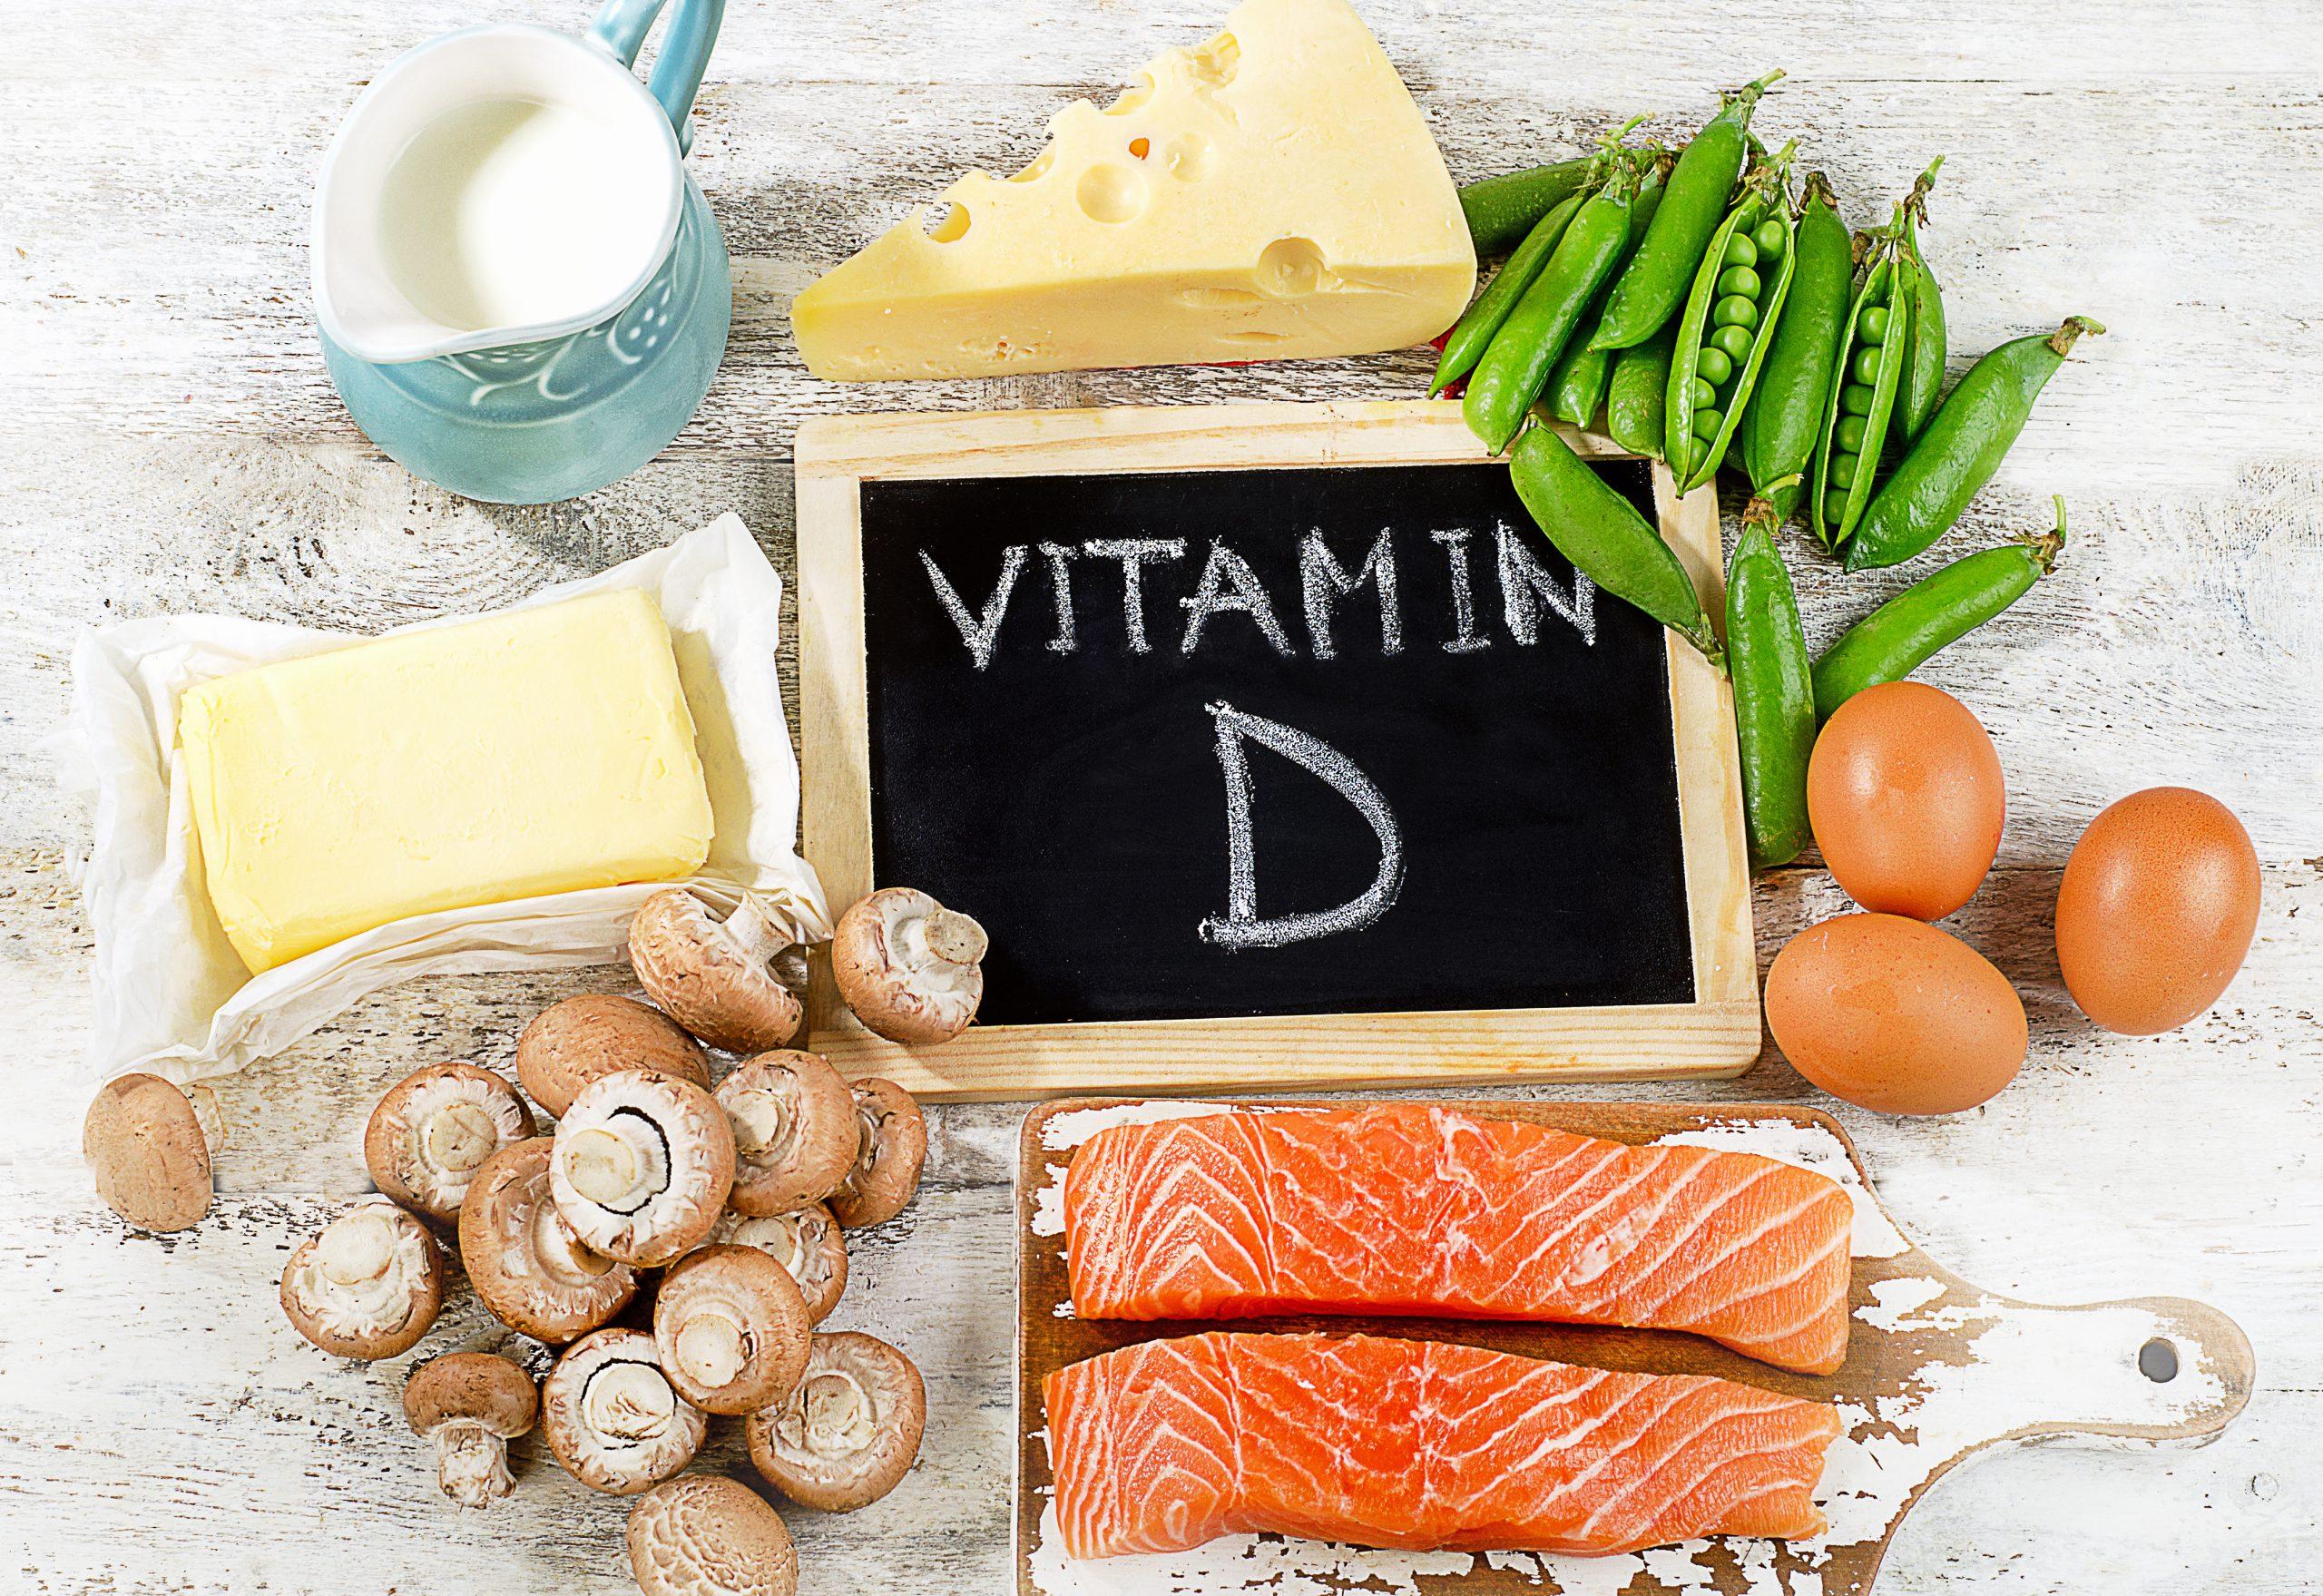 کرونا و ویتامین دی